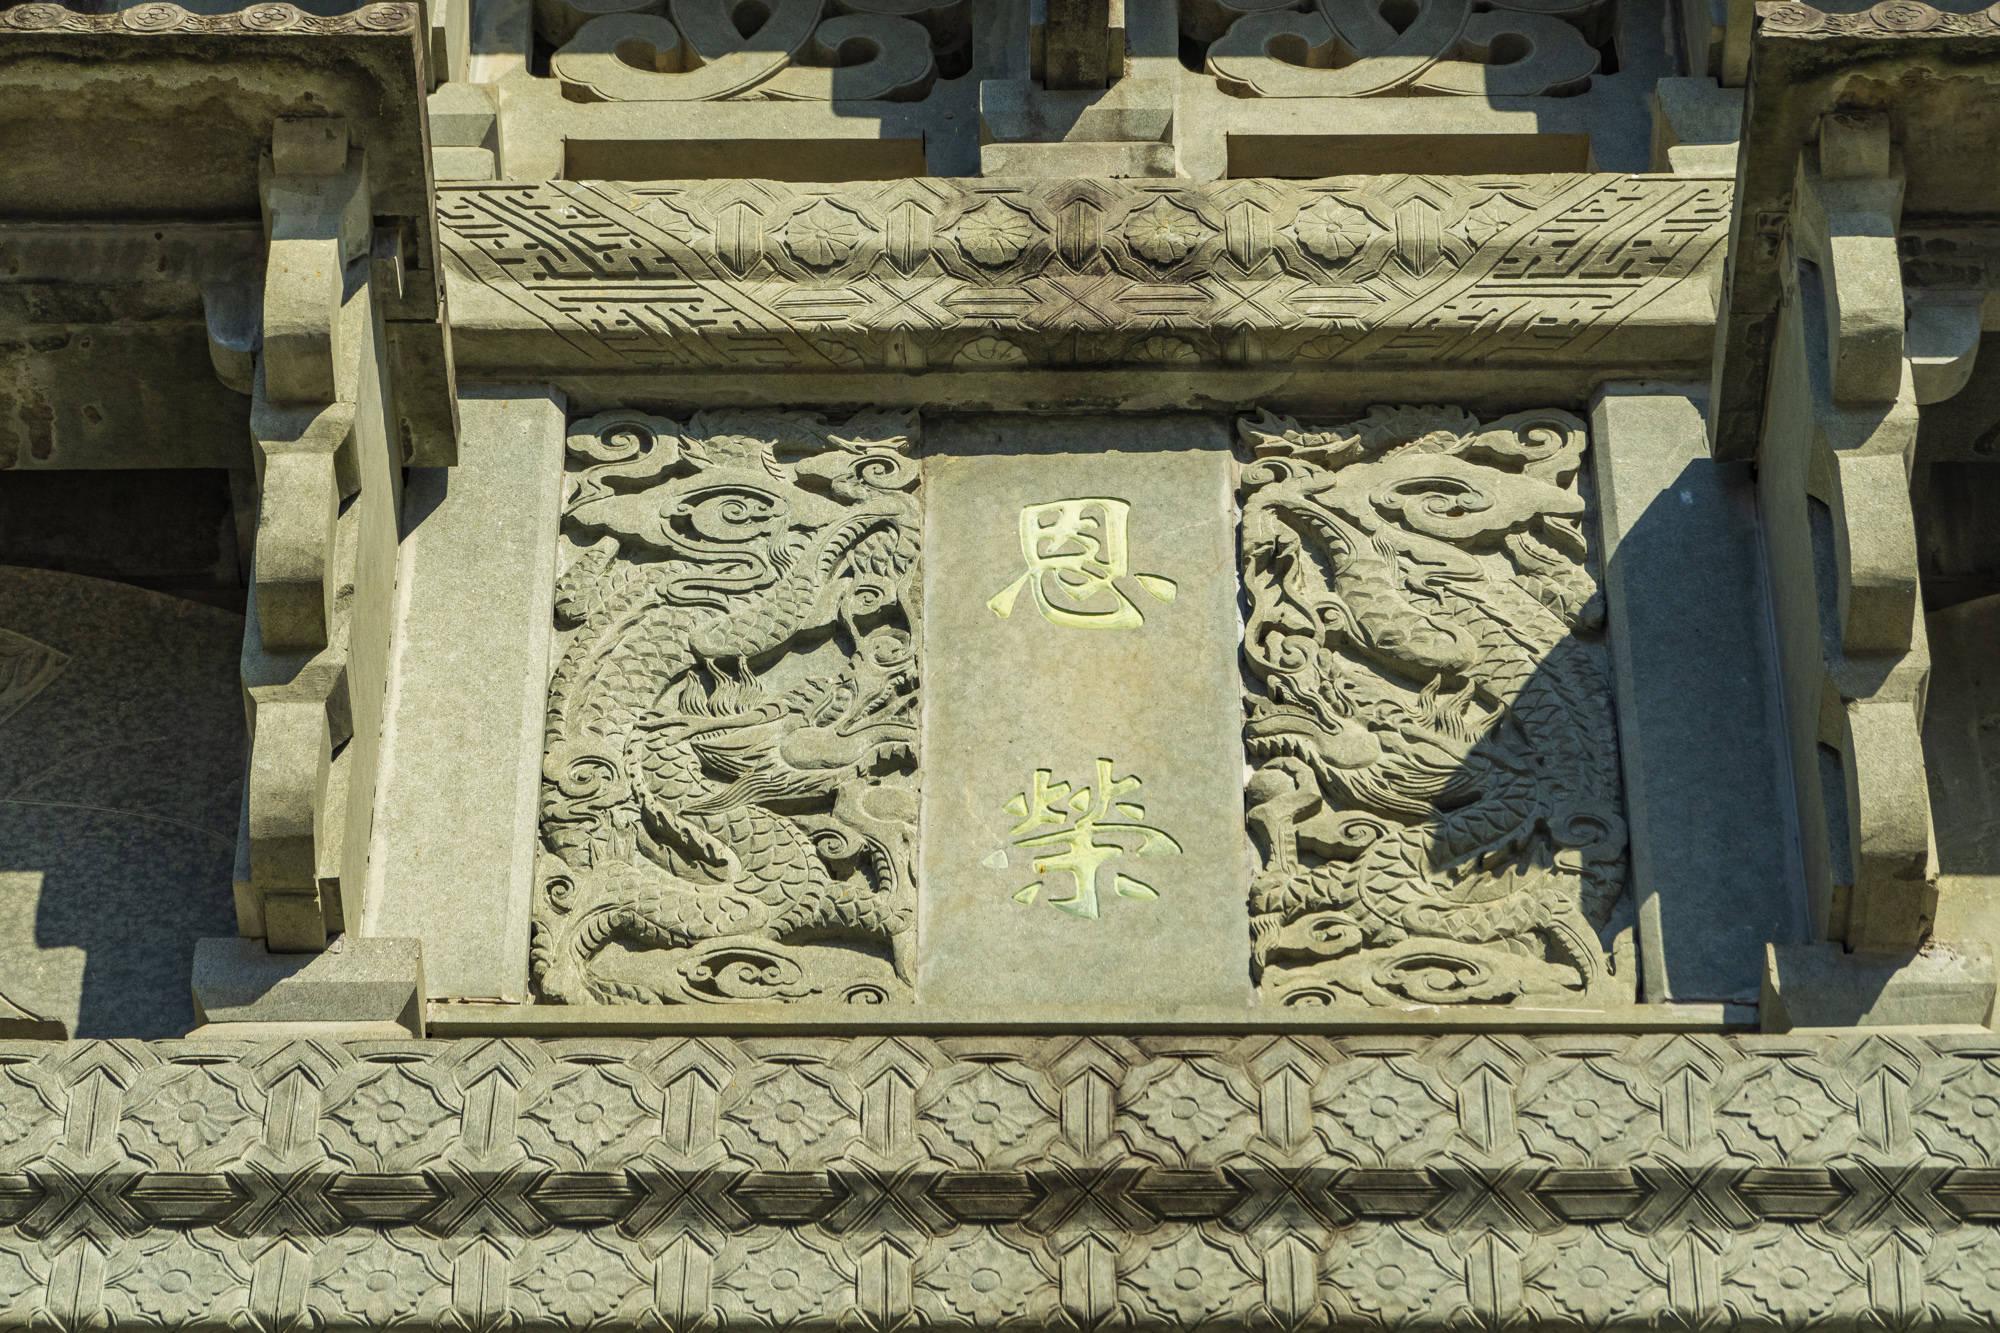 原创             为什么说婺源是安徽的?婺源老城里藏着一个秘密,比景区更值得去